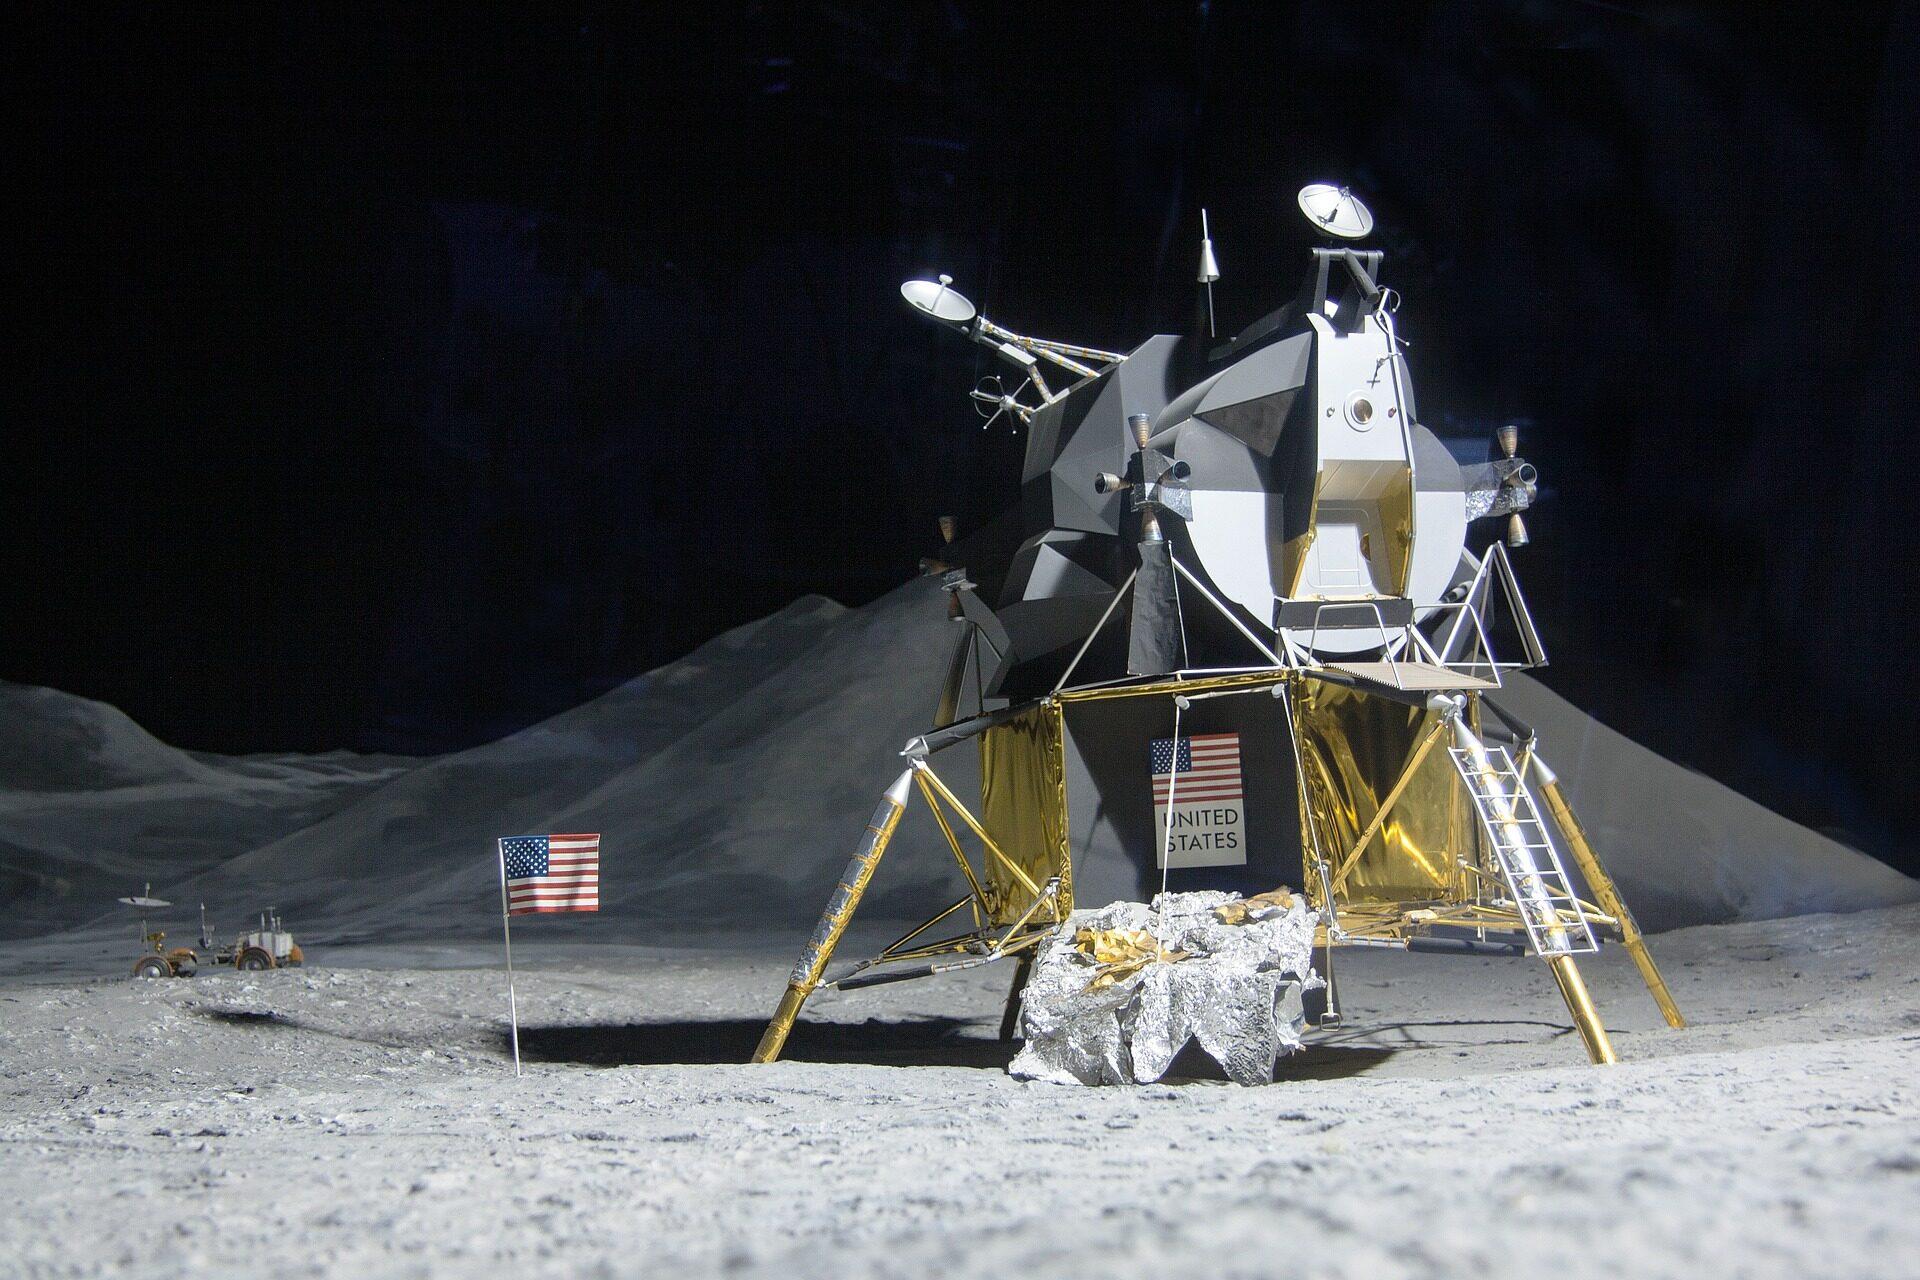 阿波罗登月飞船代码已开源;谷歌中国版搜索引擎计划彻底终止;Libra将与支付宝、微信支付展开竞争丨Q资讯